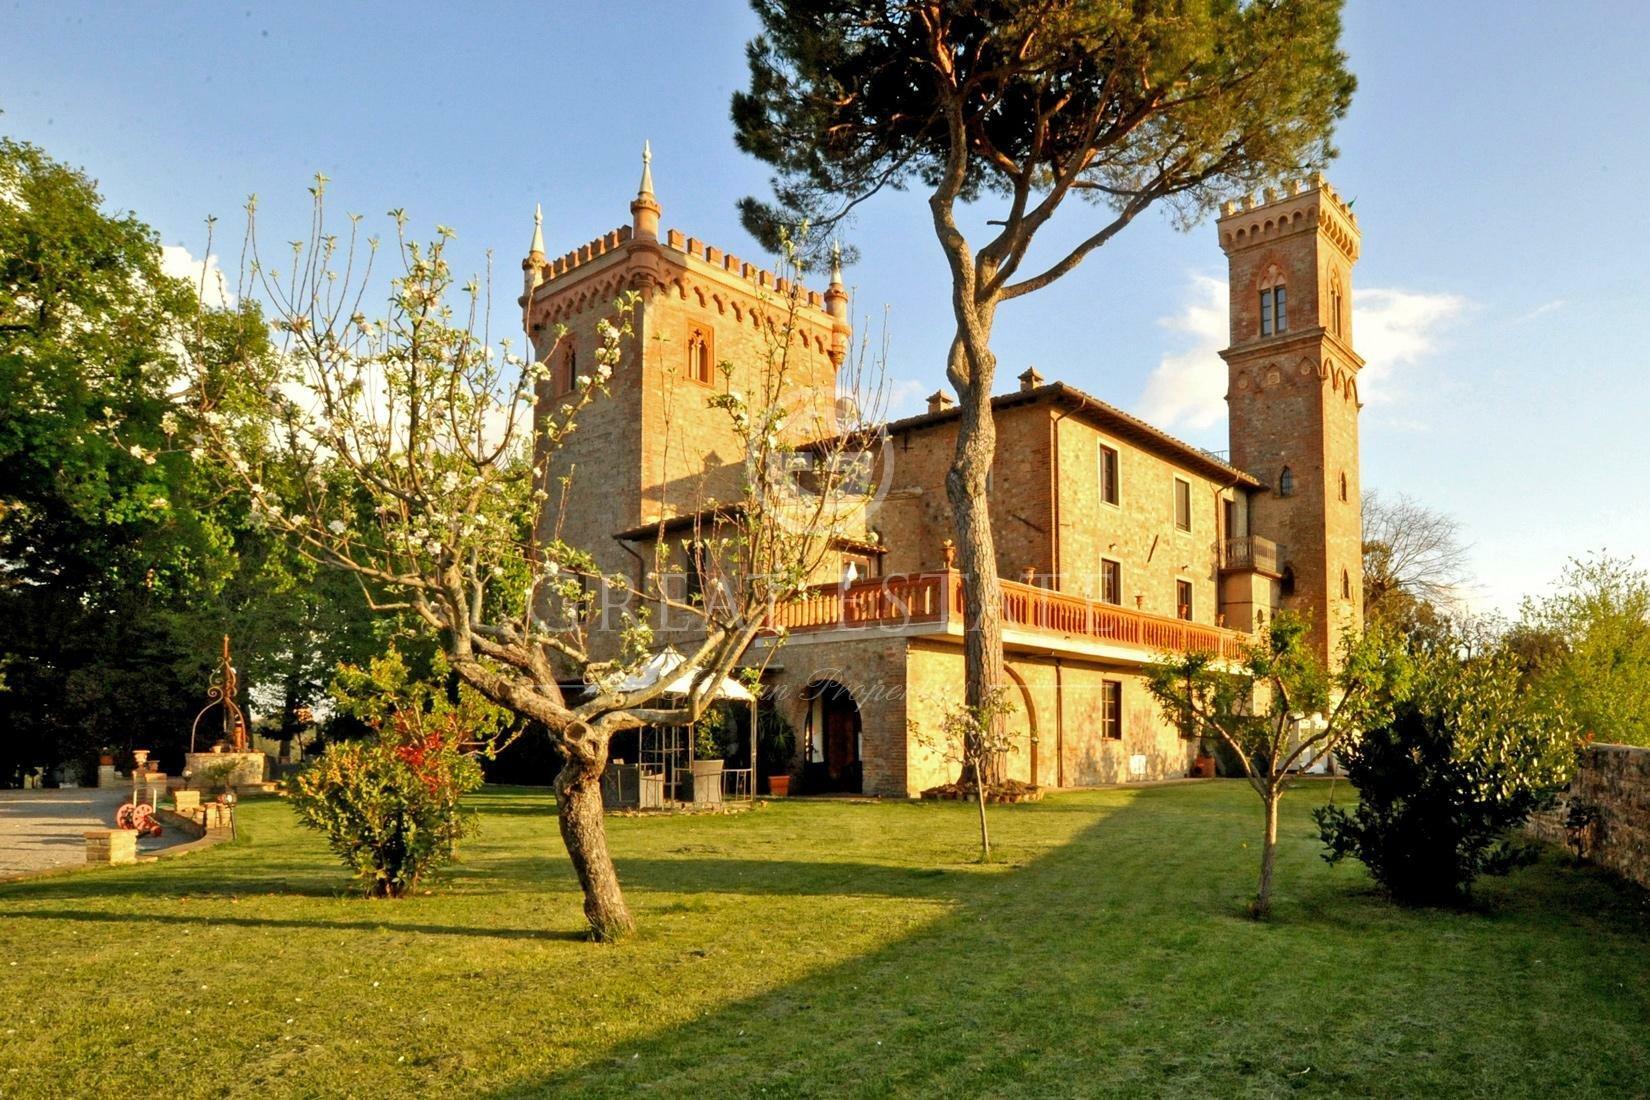 Castle in Umbria, Italy 1 - 10673925